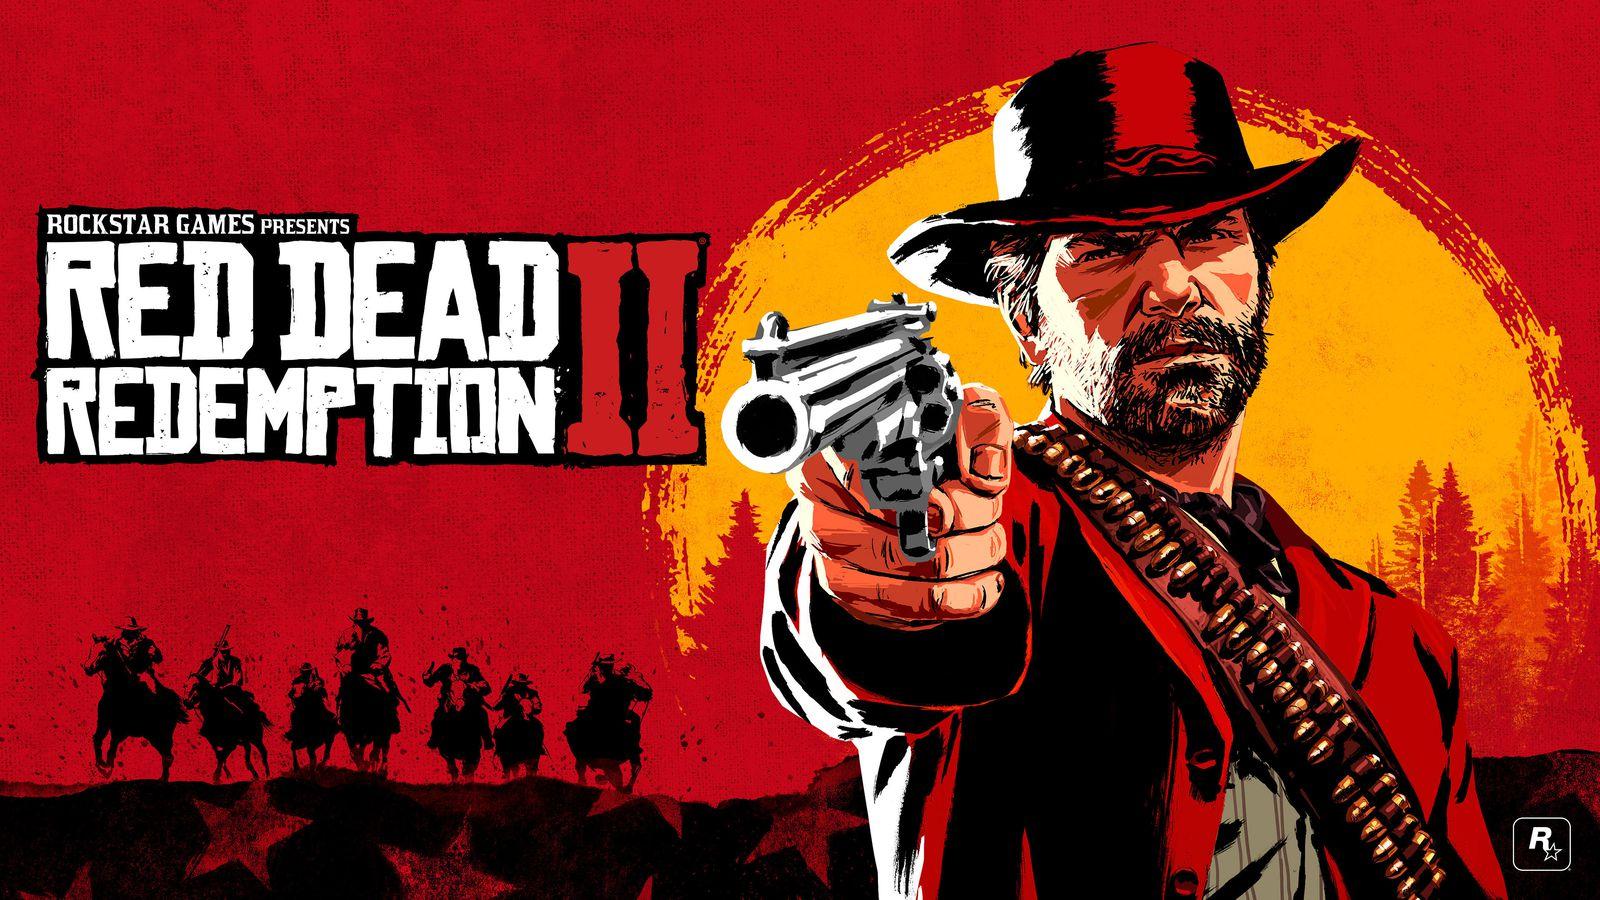 بازی Red Dead Redemption 2 تنها در هشت روز بیش از ۱۷ میلیون نسخه فروش داشته است